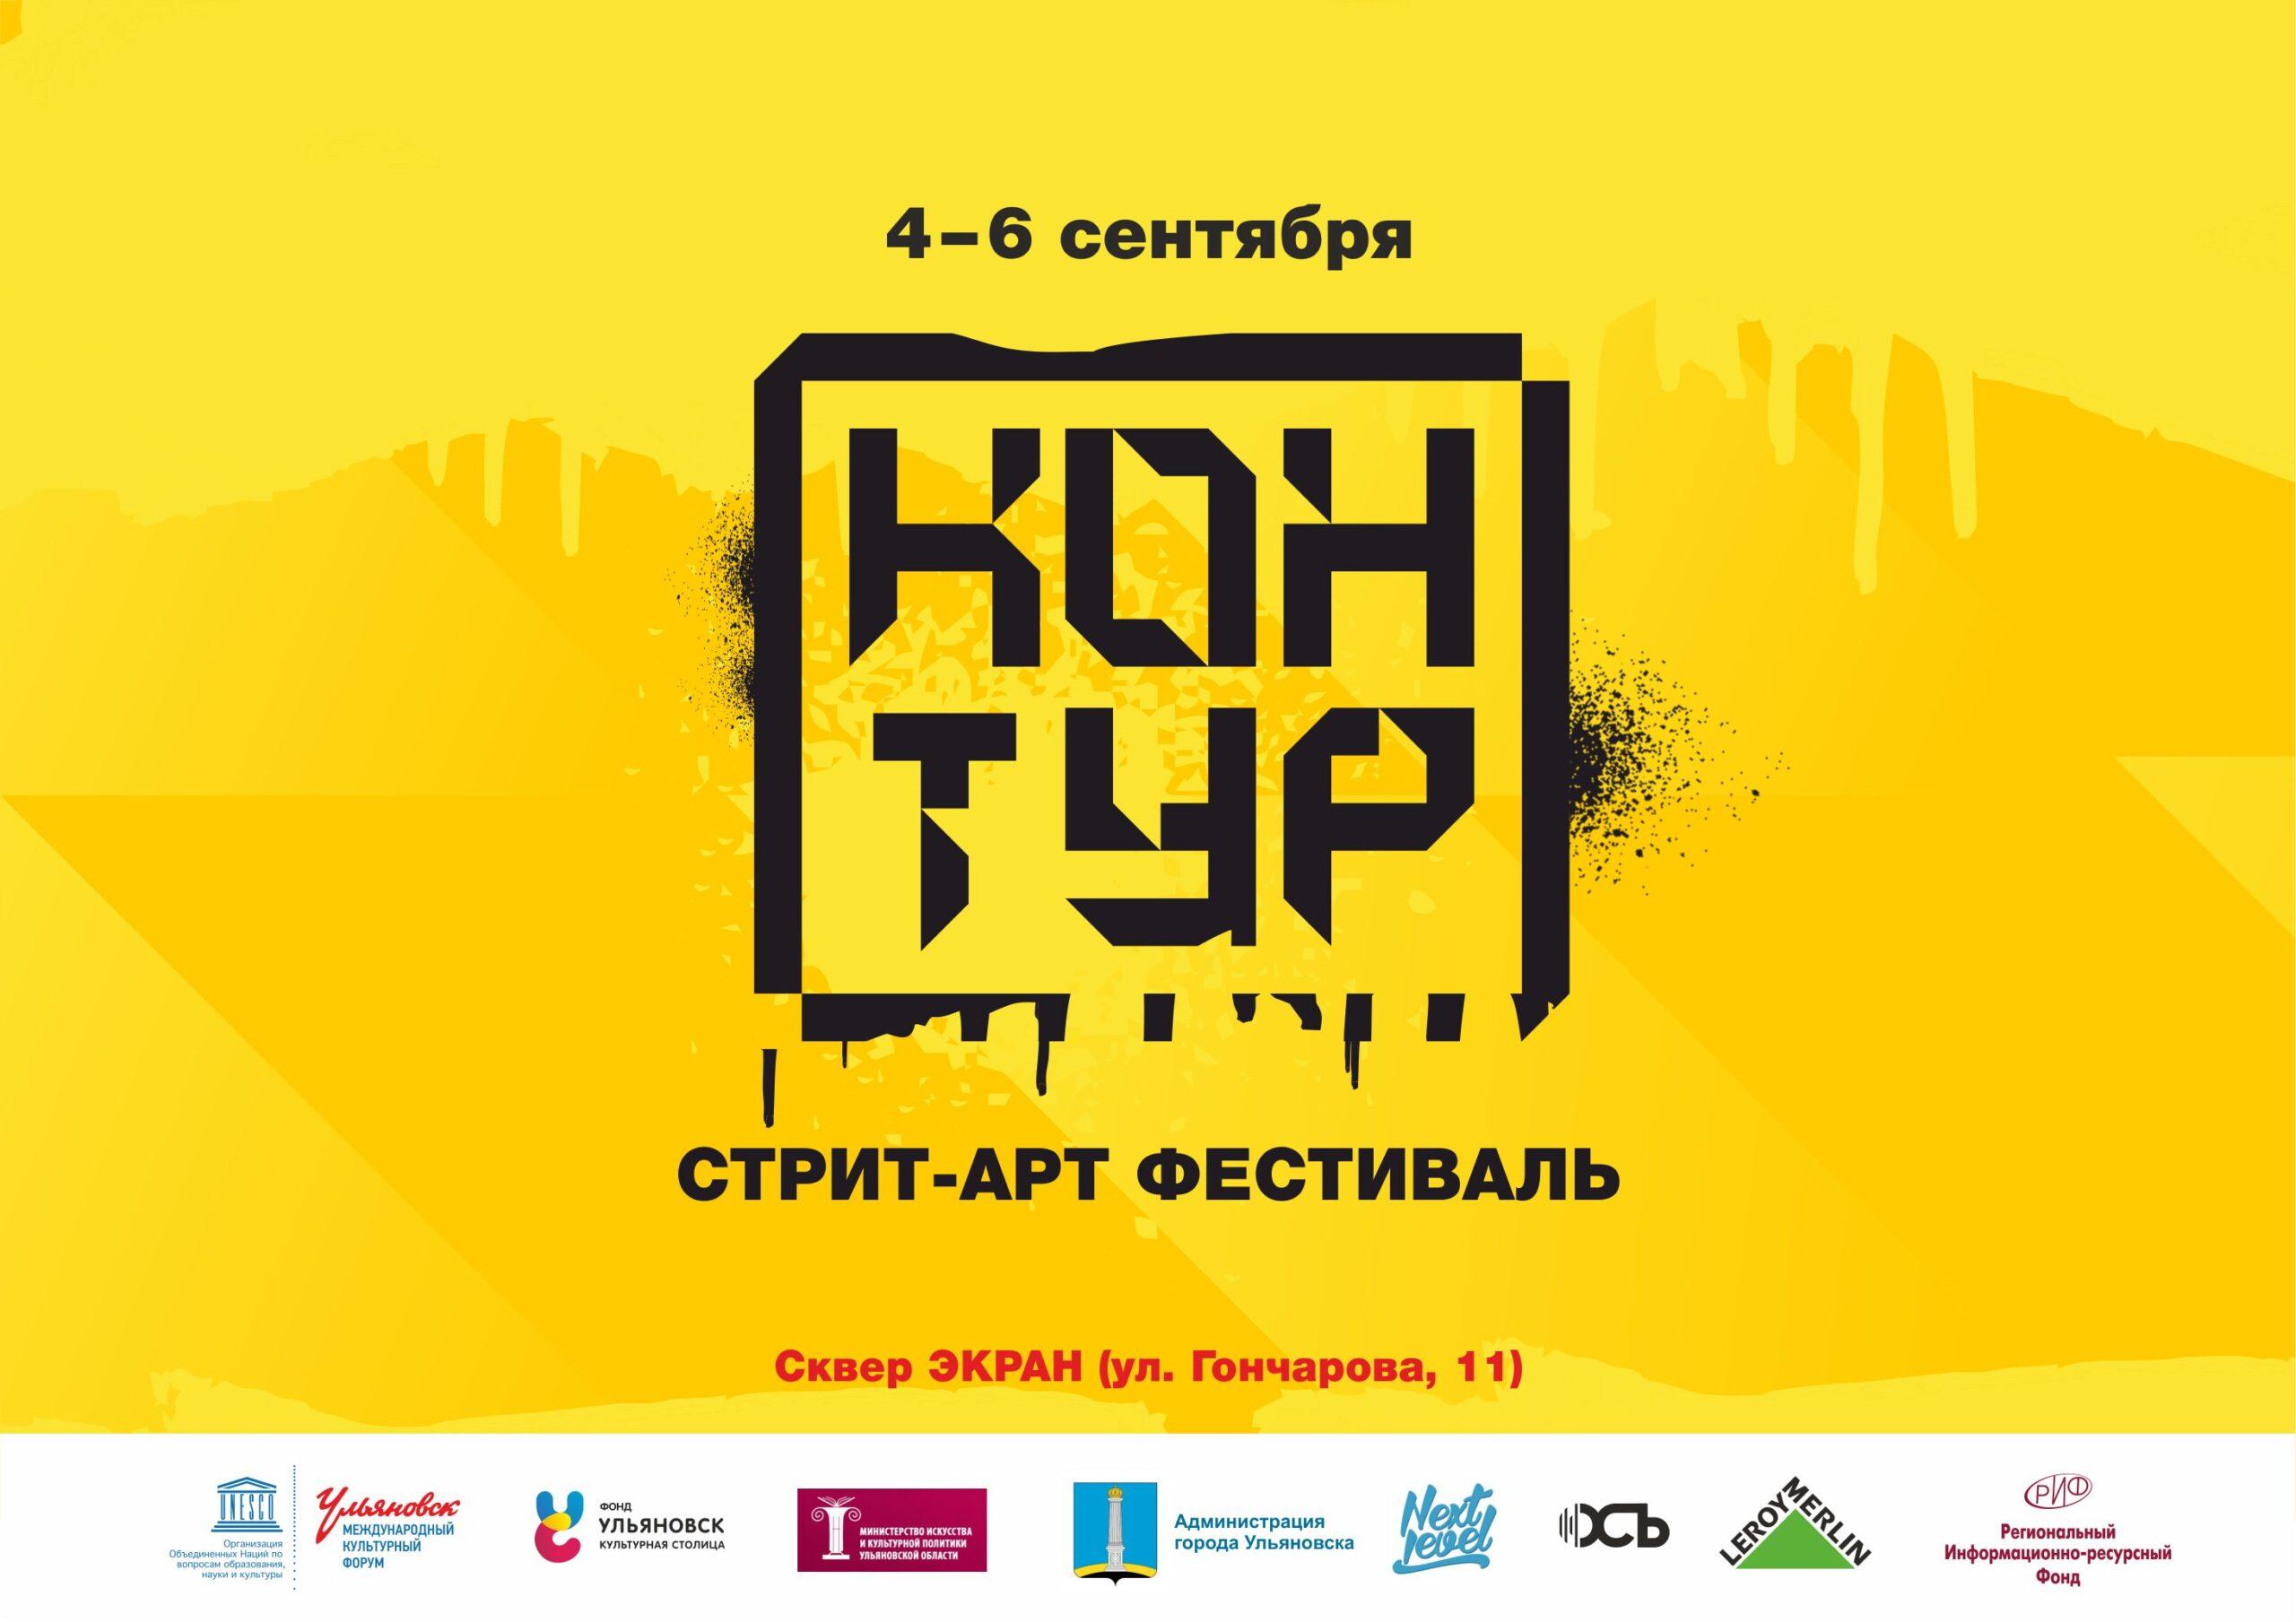 Стрит-арт фестиваль «Контур» @ сквер «Экран» (Гончарова, 11)